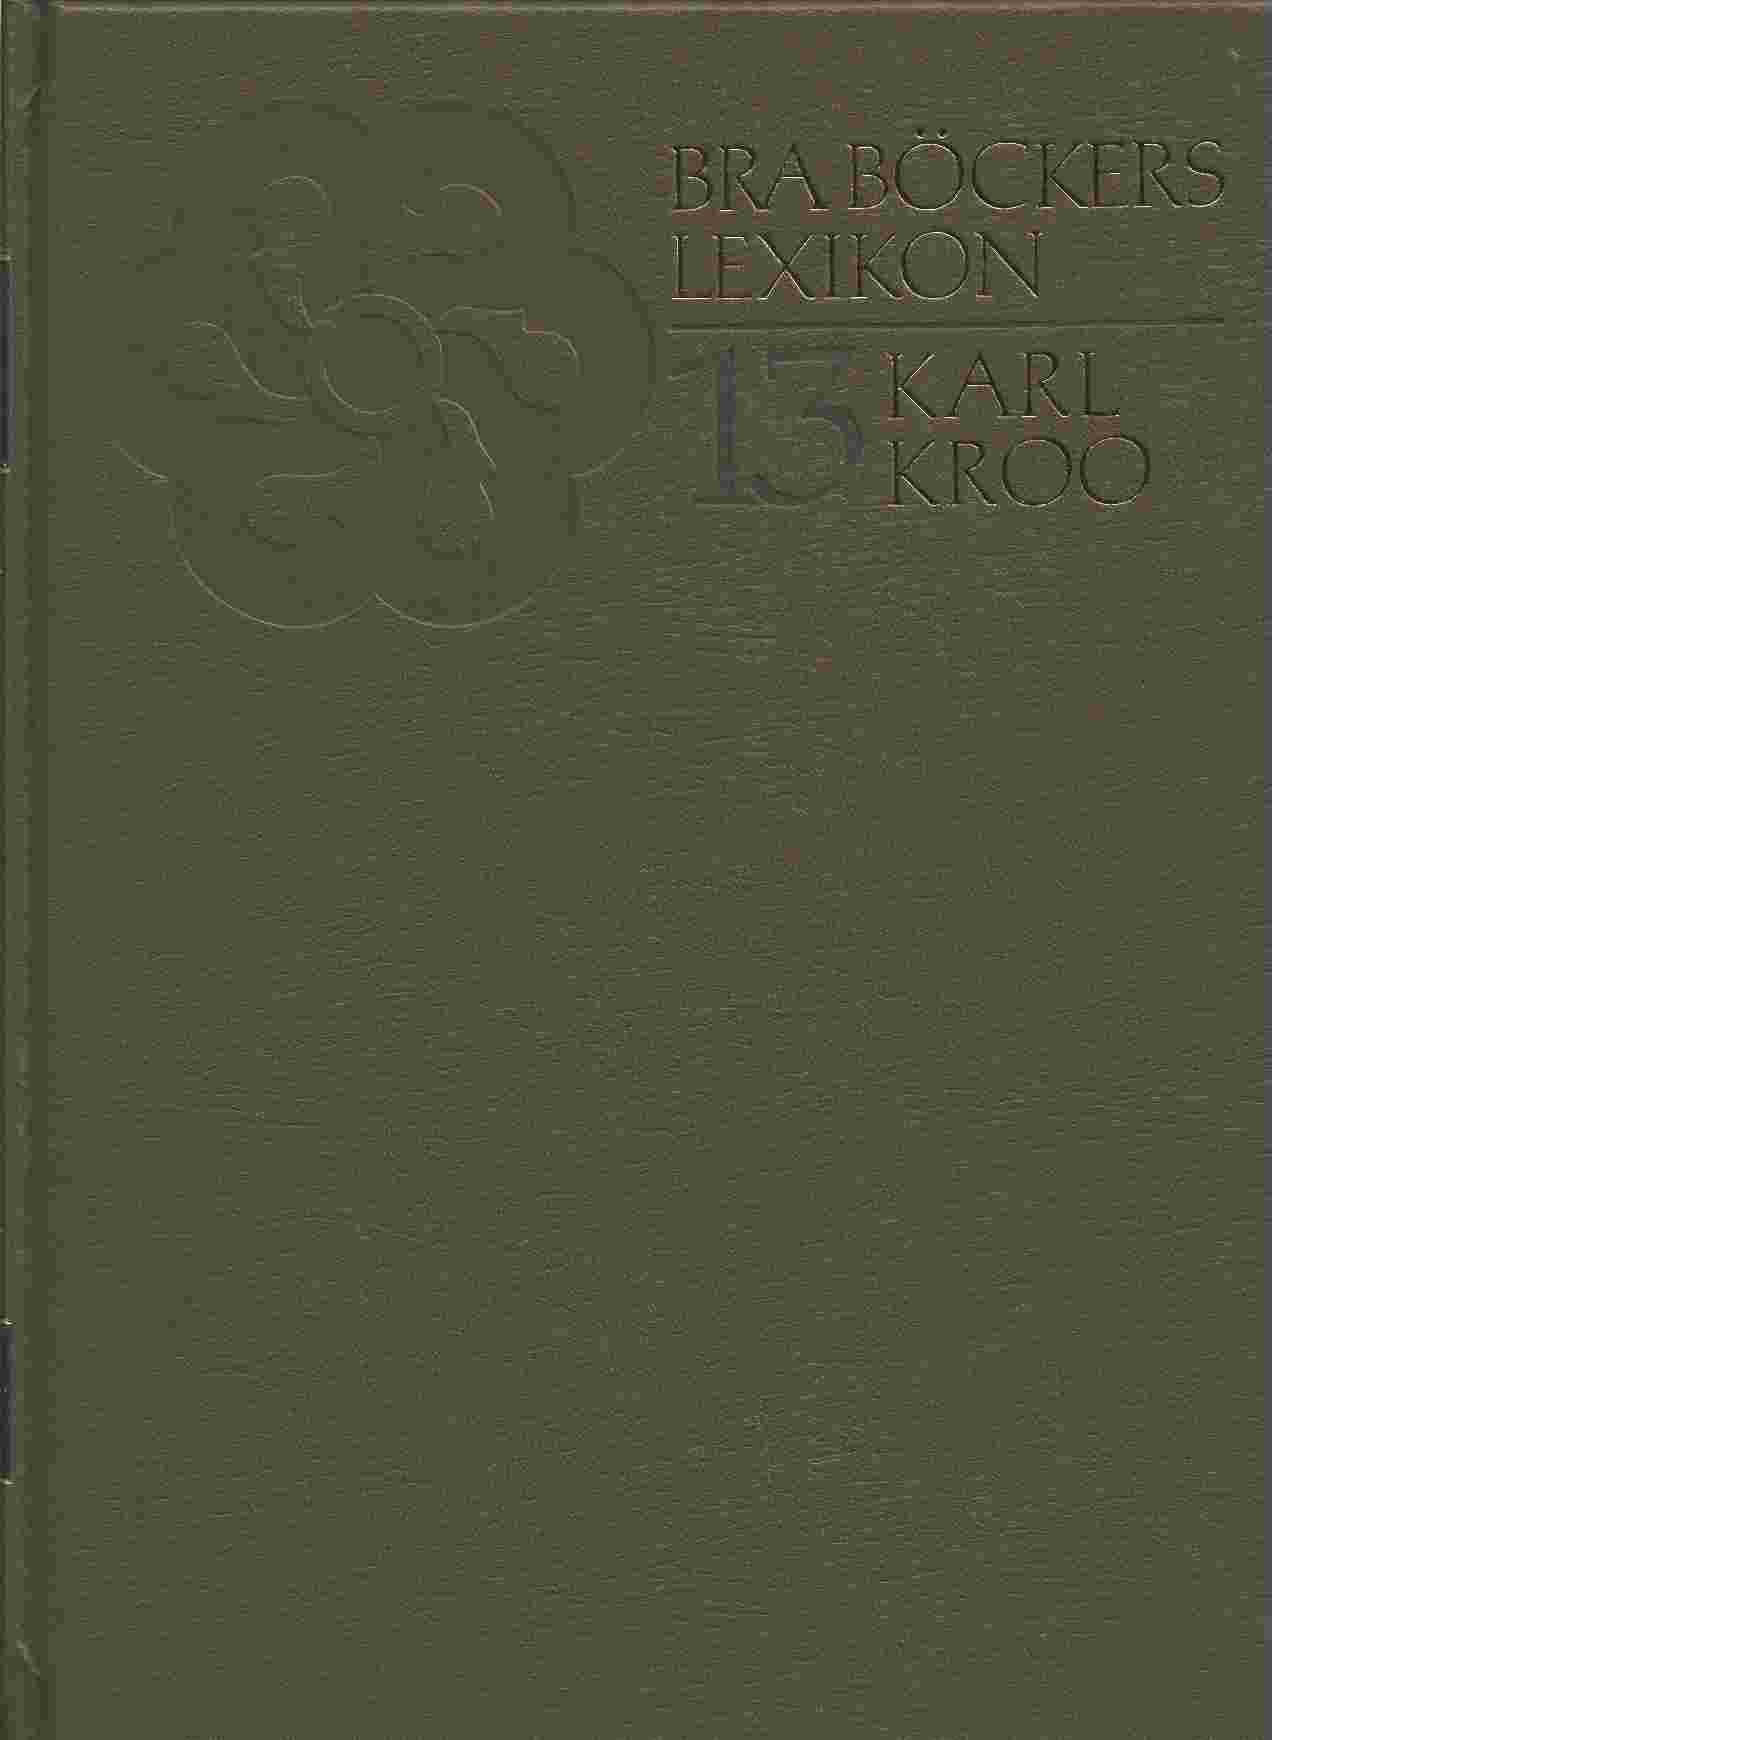 Bra böckers lexikon. 13 - Friesen, von Sten